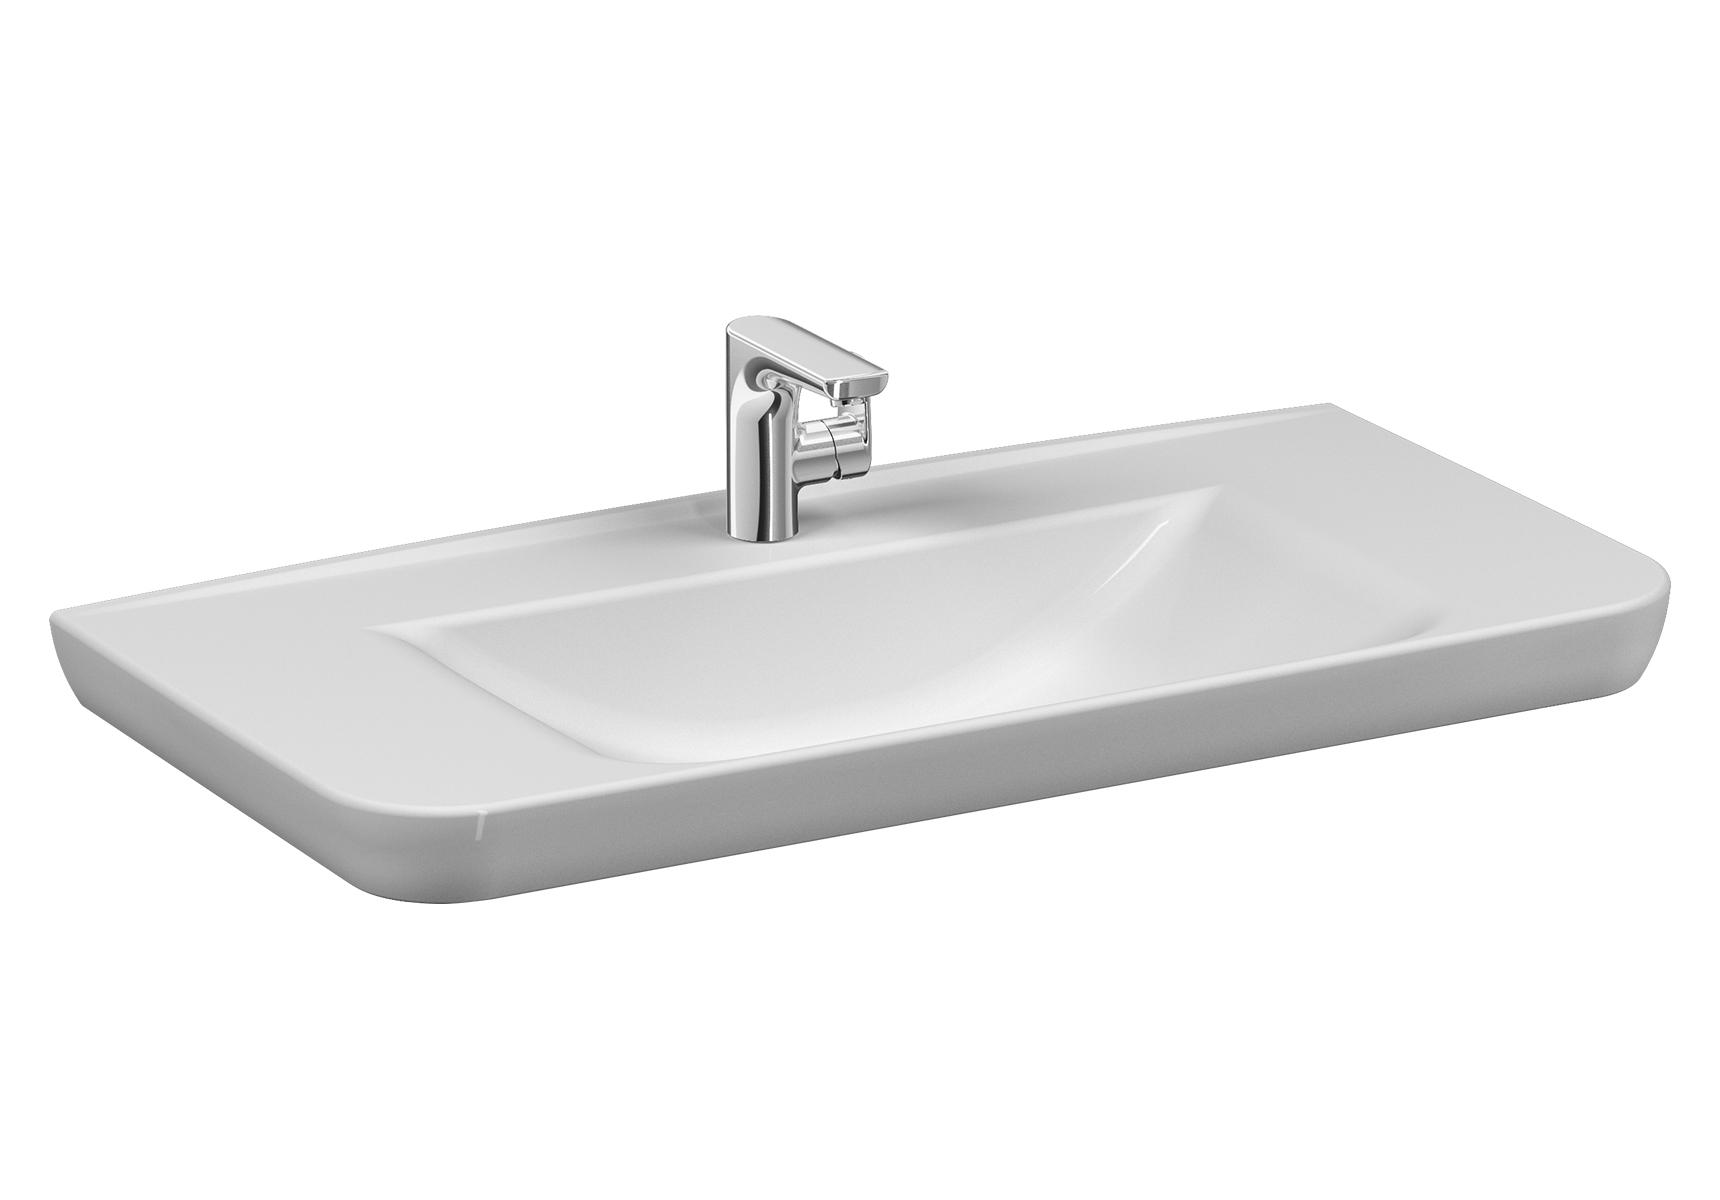 Sento Waschtisch, 98 cm, mit Hahnloch mittig, mit Überlaufloch mittig,Weiß